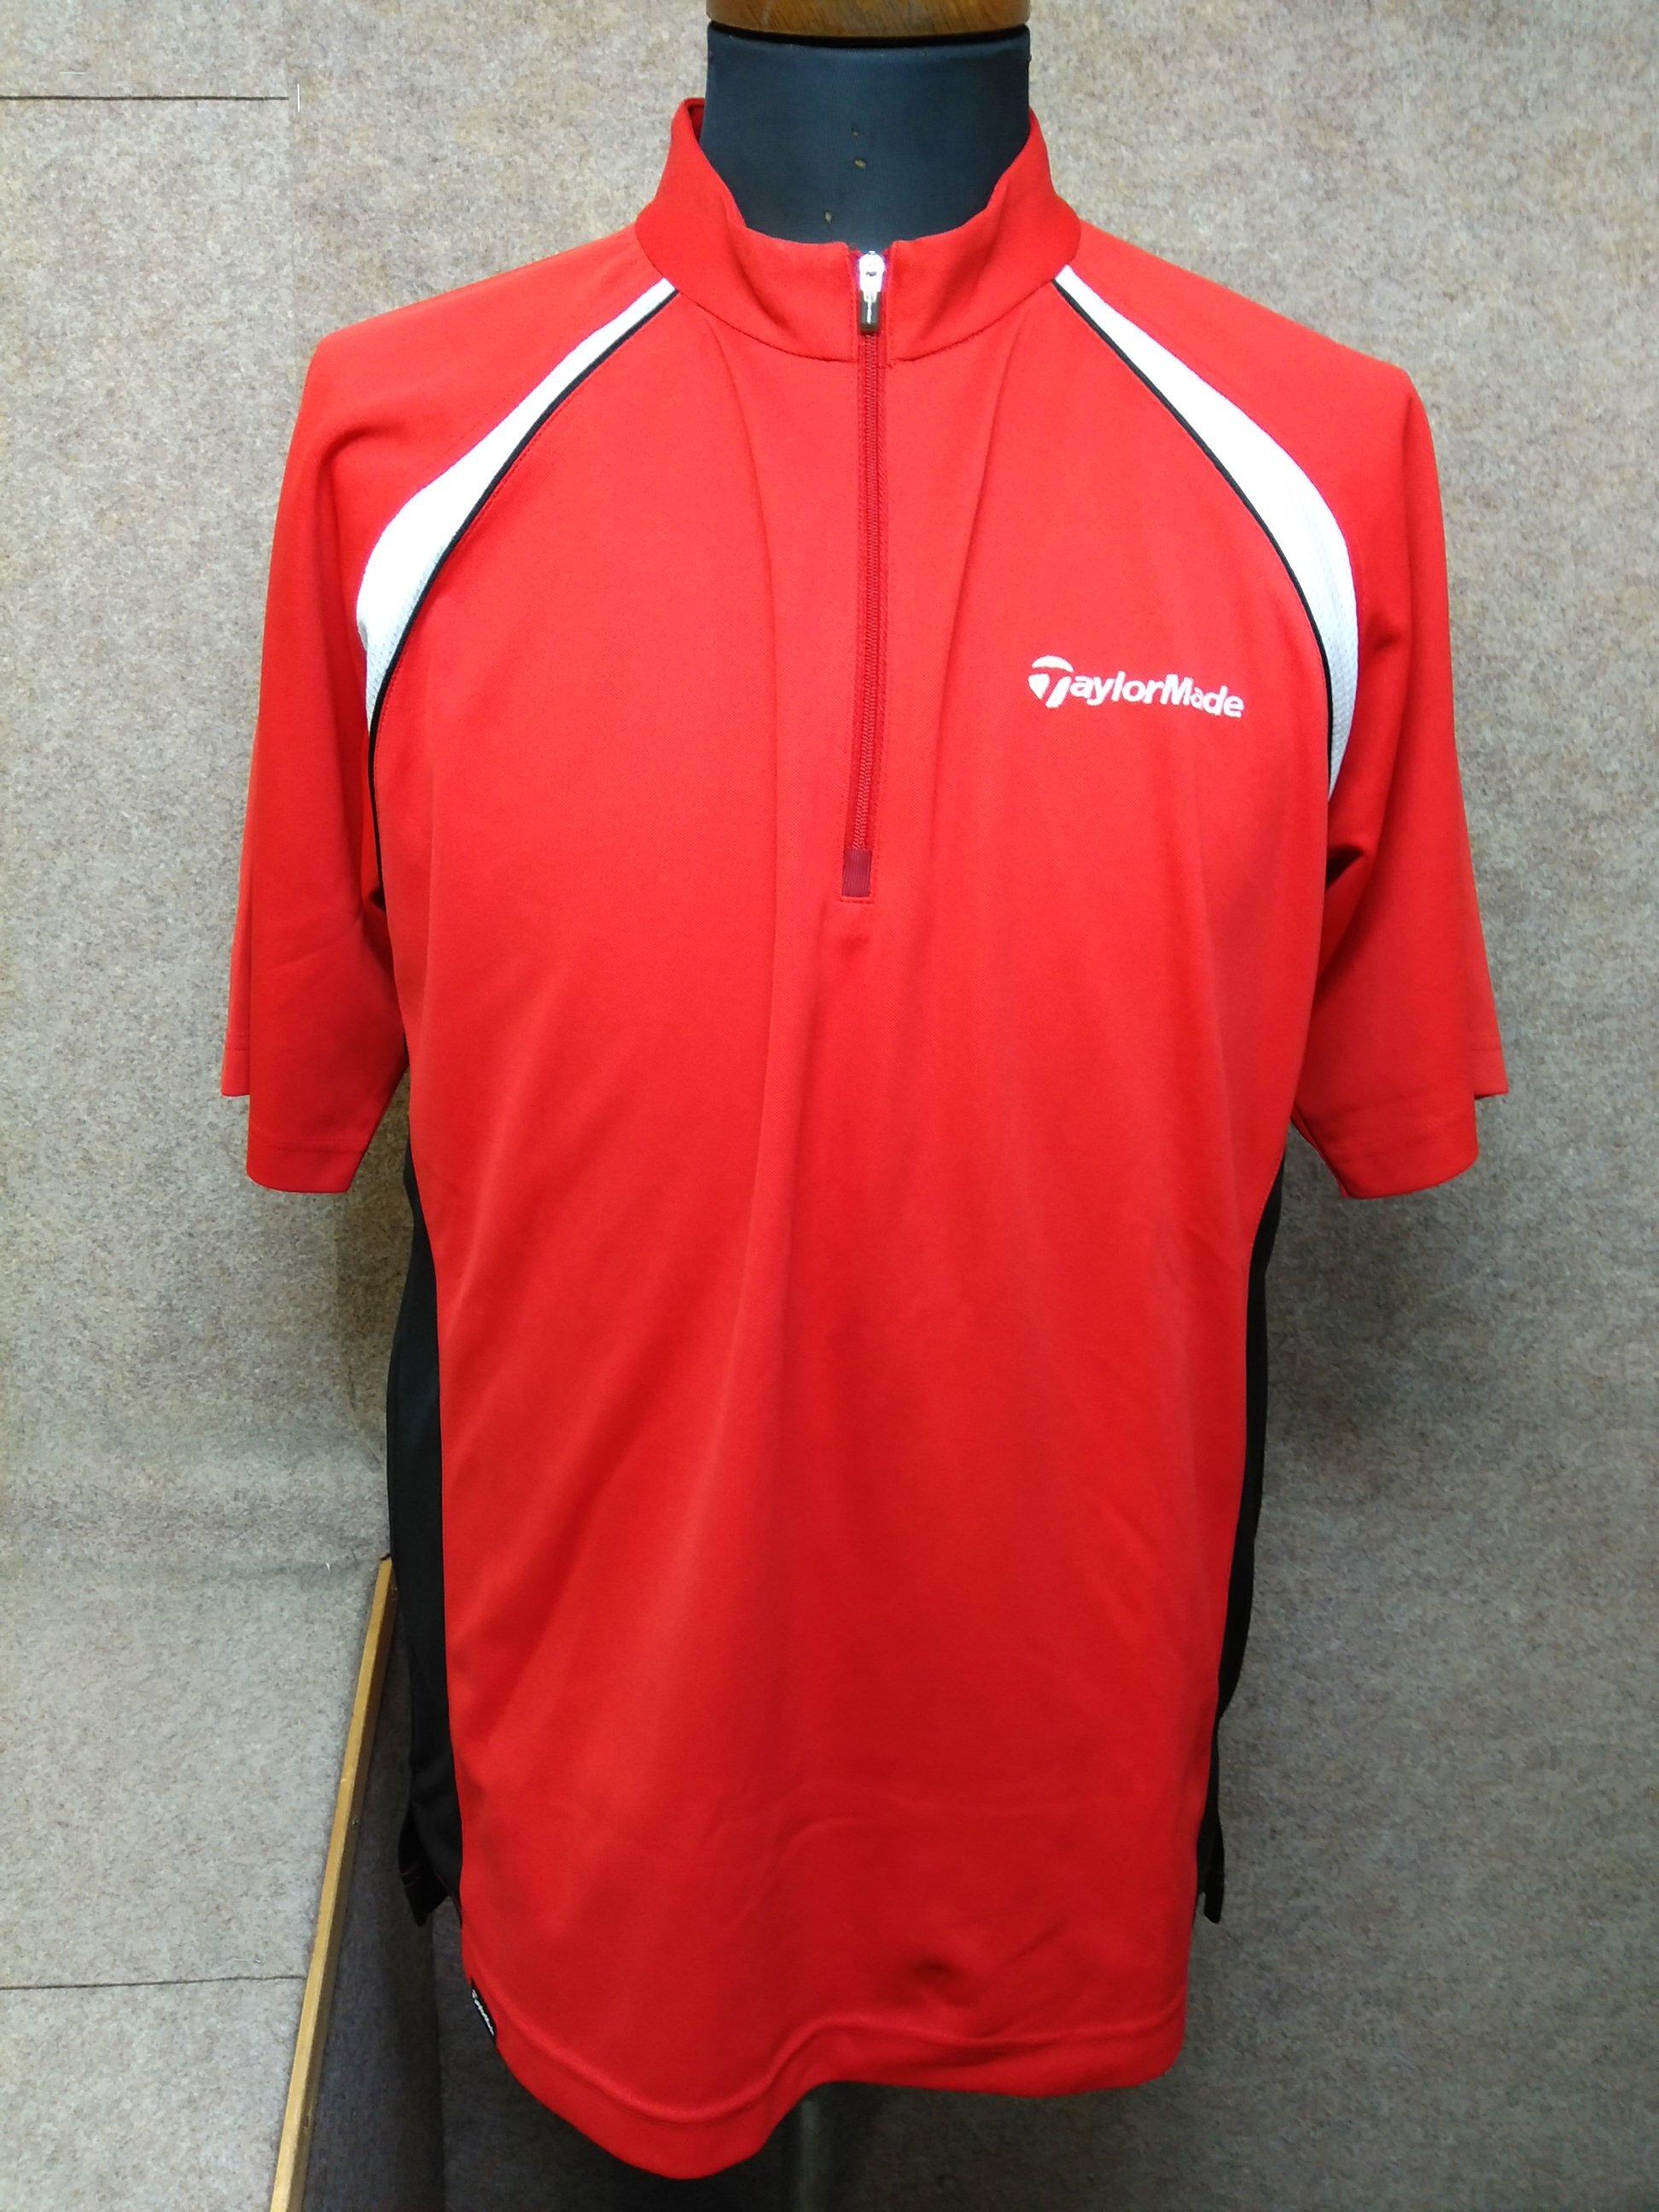 テーラーメイド ゴルフ メンズ ポロシャツ L 赤 u1182a